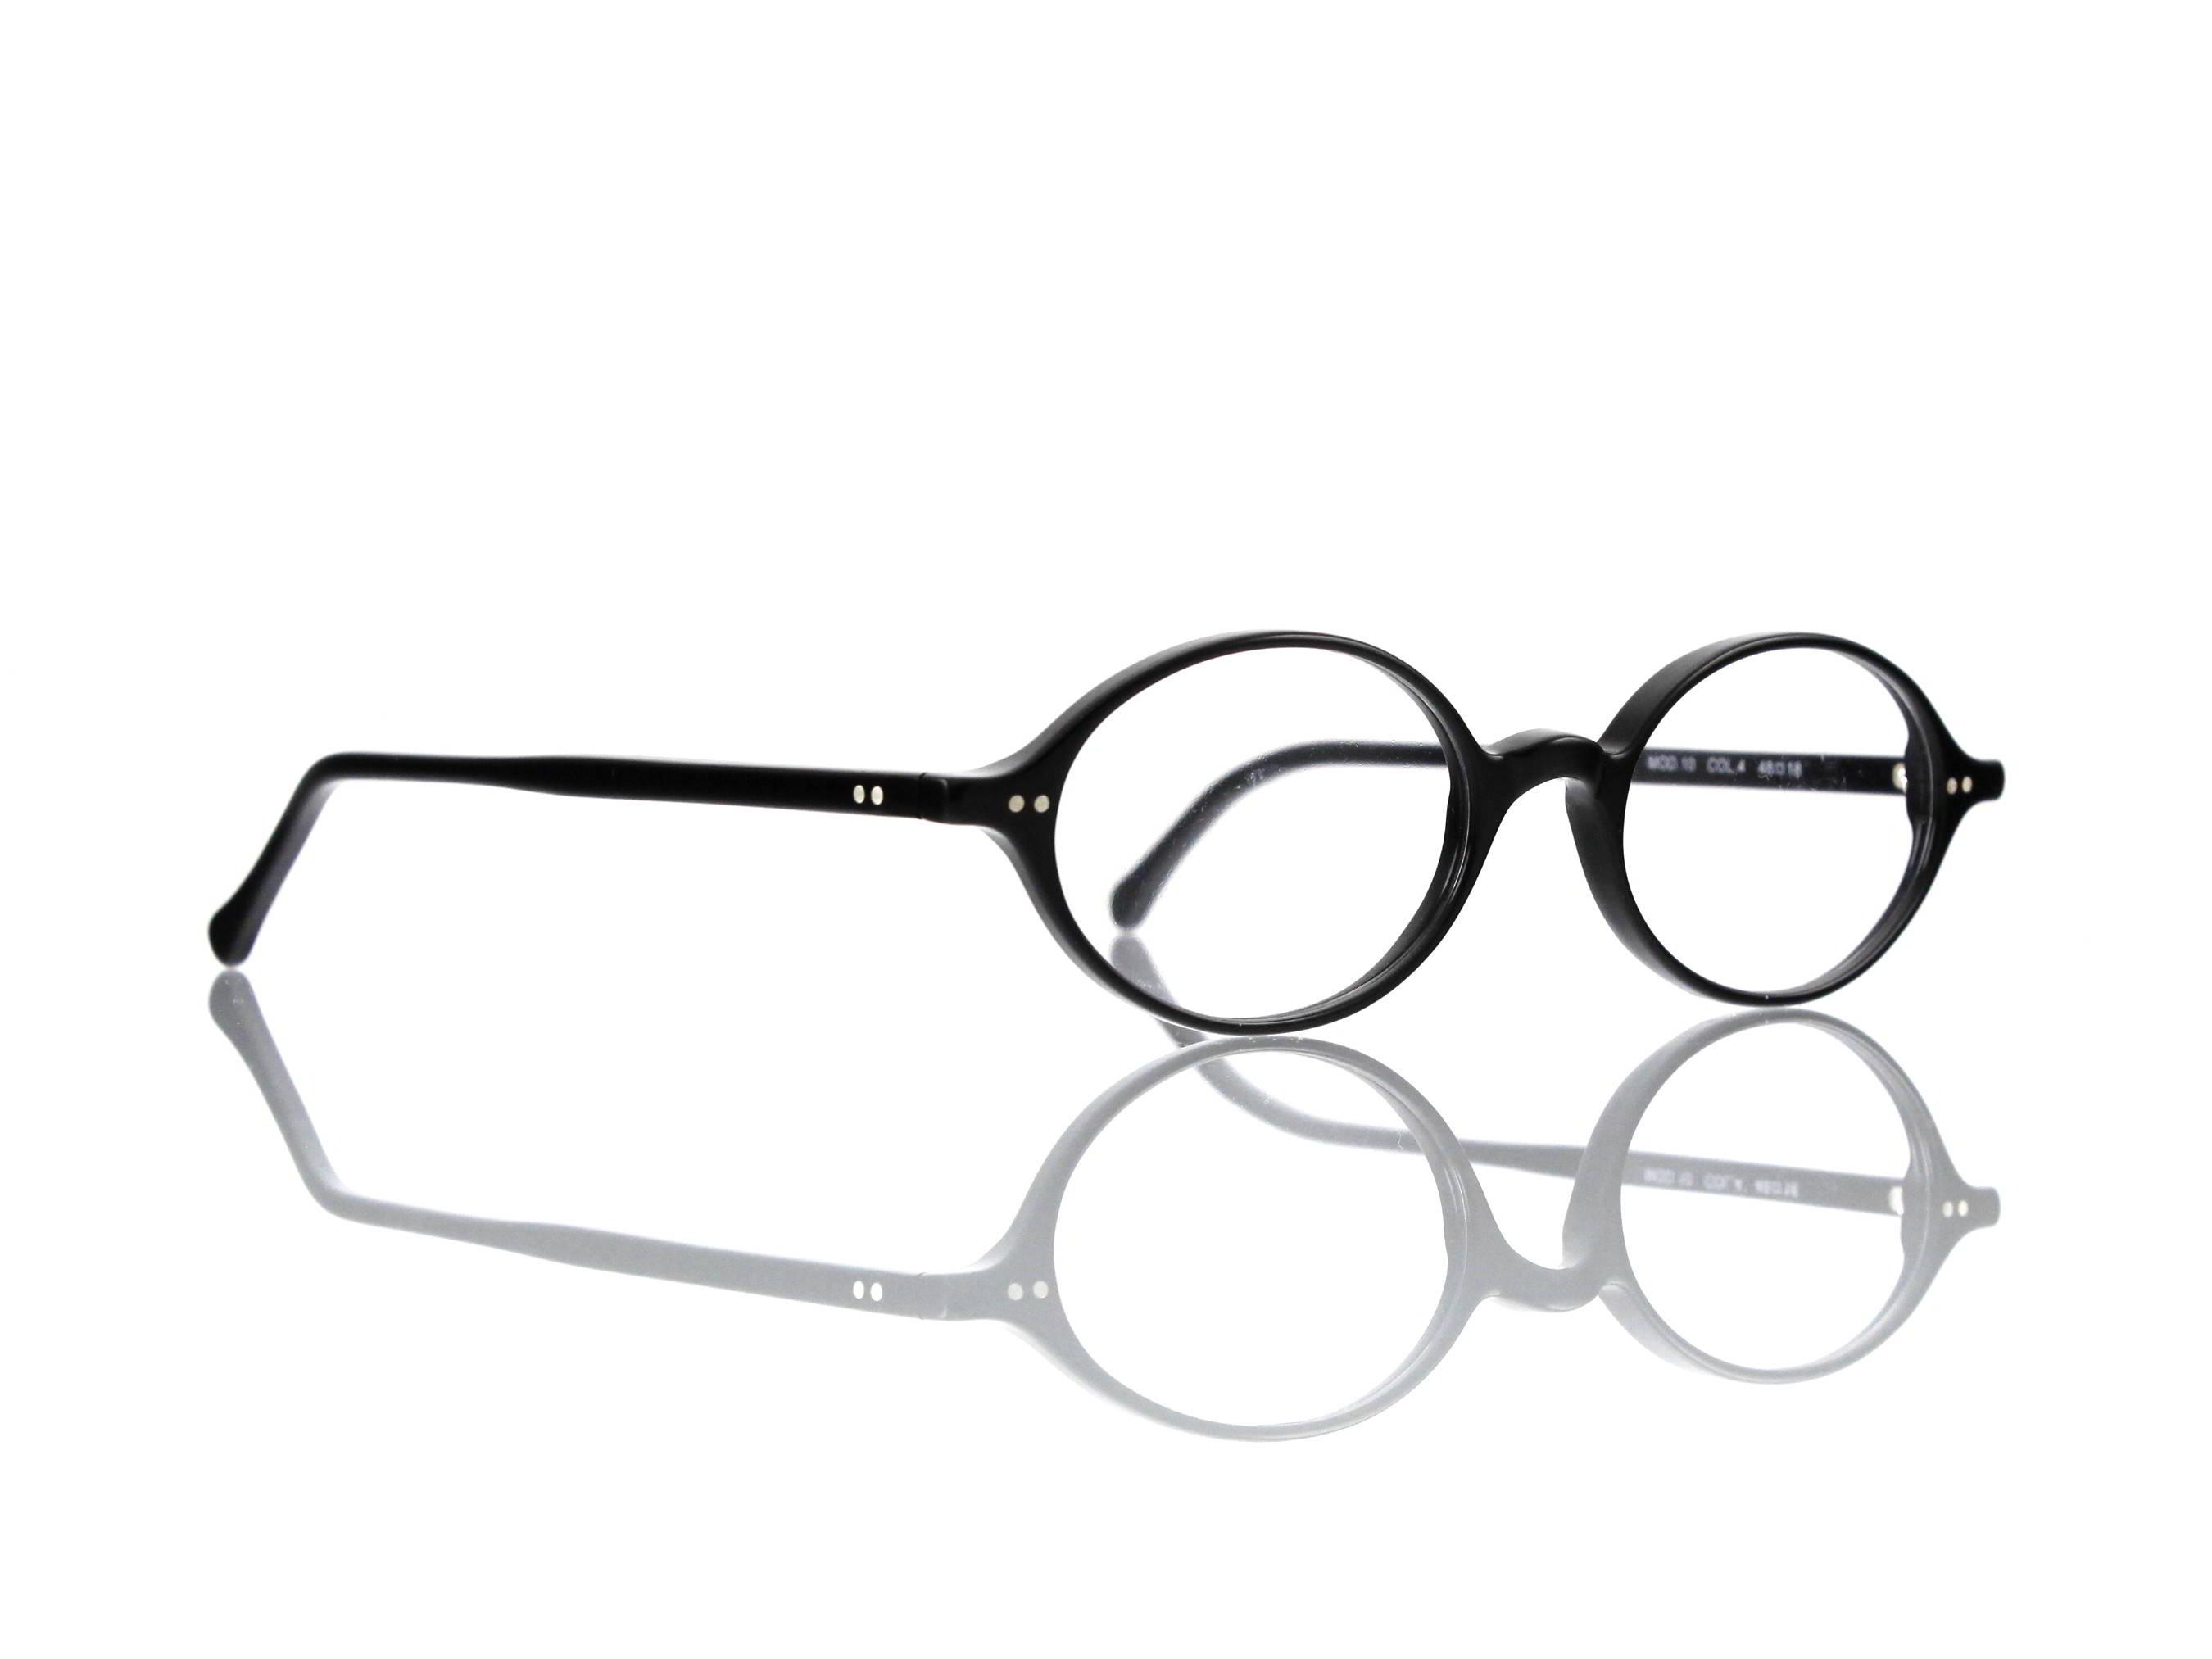 Braun Classics Eyewear Mod. 10 Col. F 4 Größe 48-18-145 mm   Oval ...